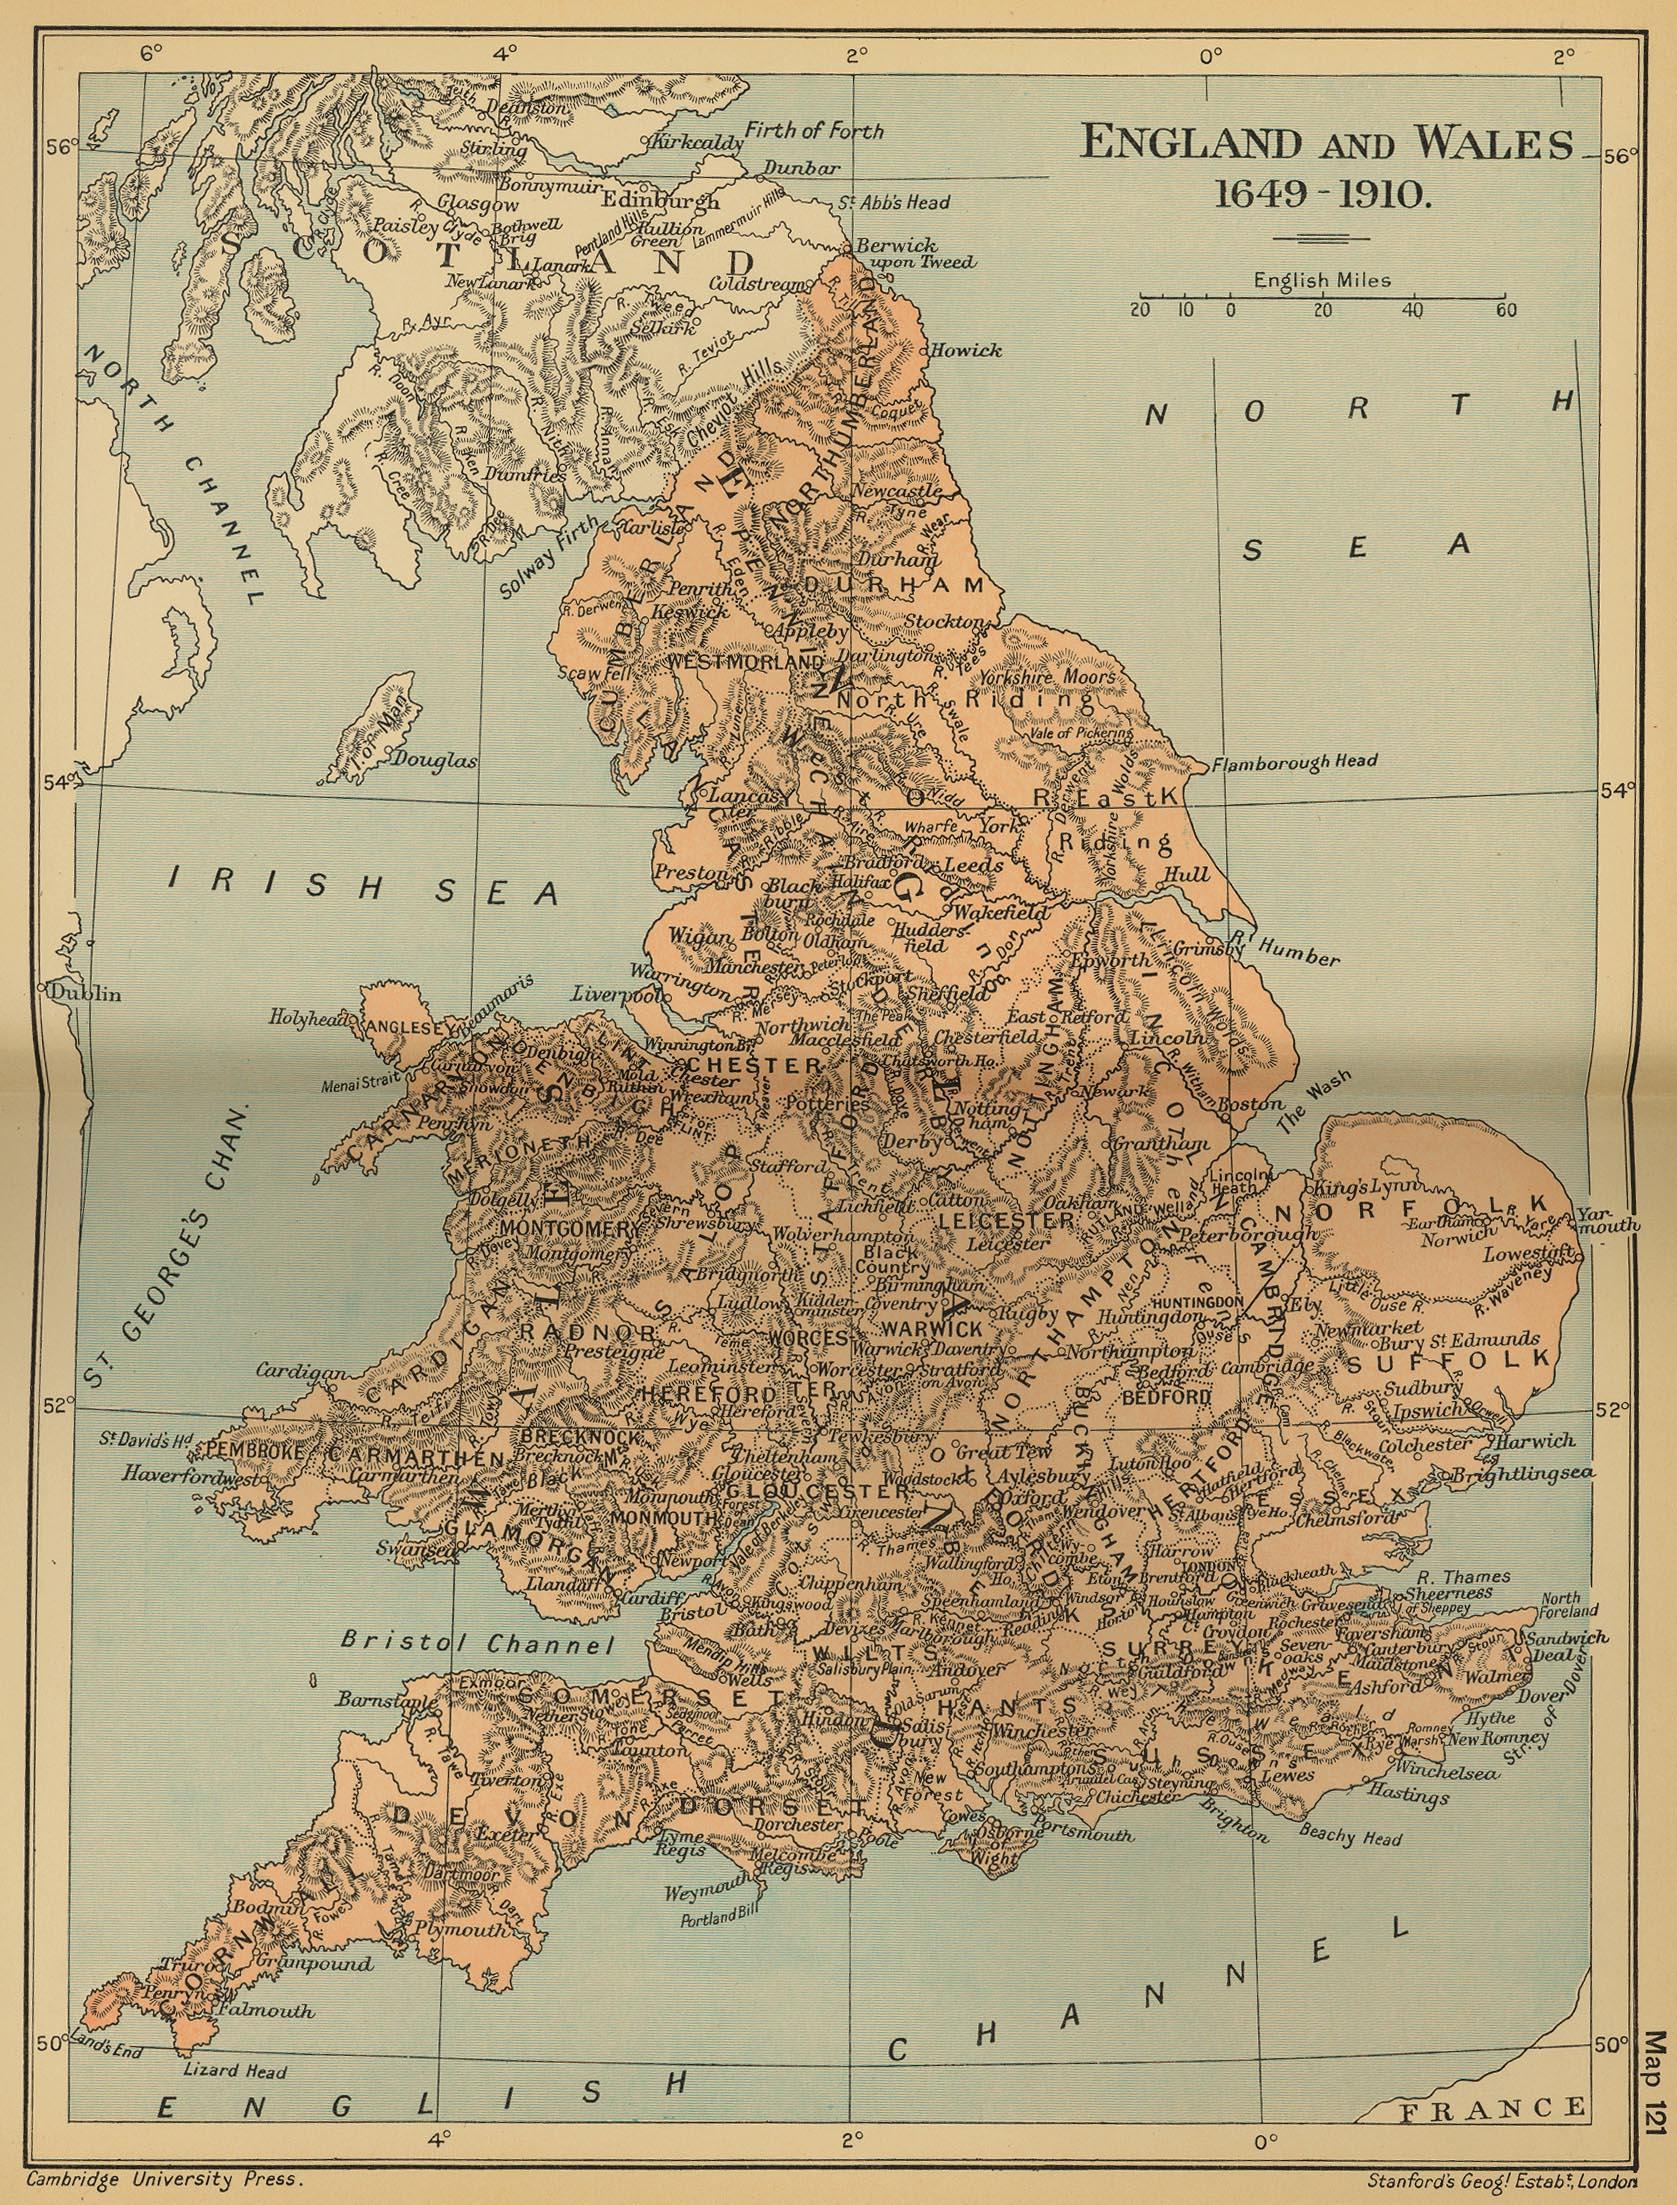 Inglaterra y Gales 1649-1910